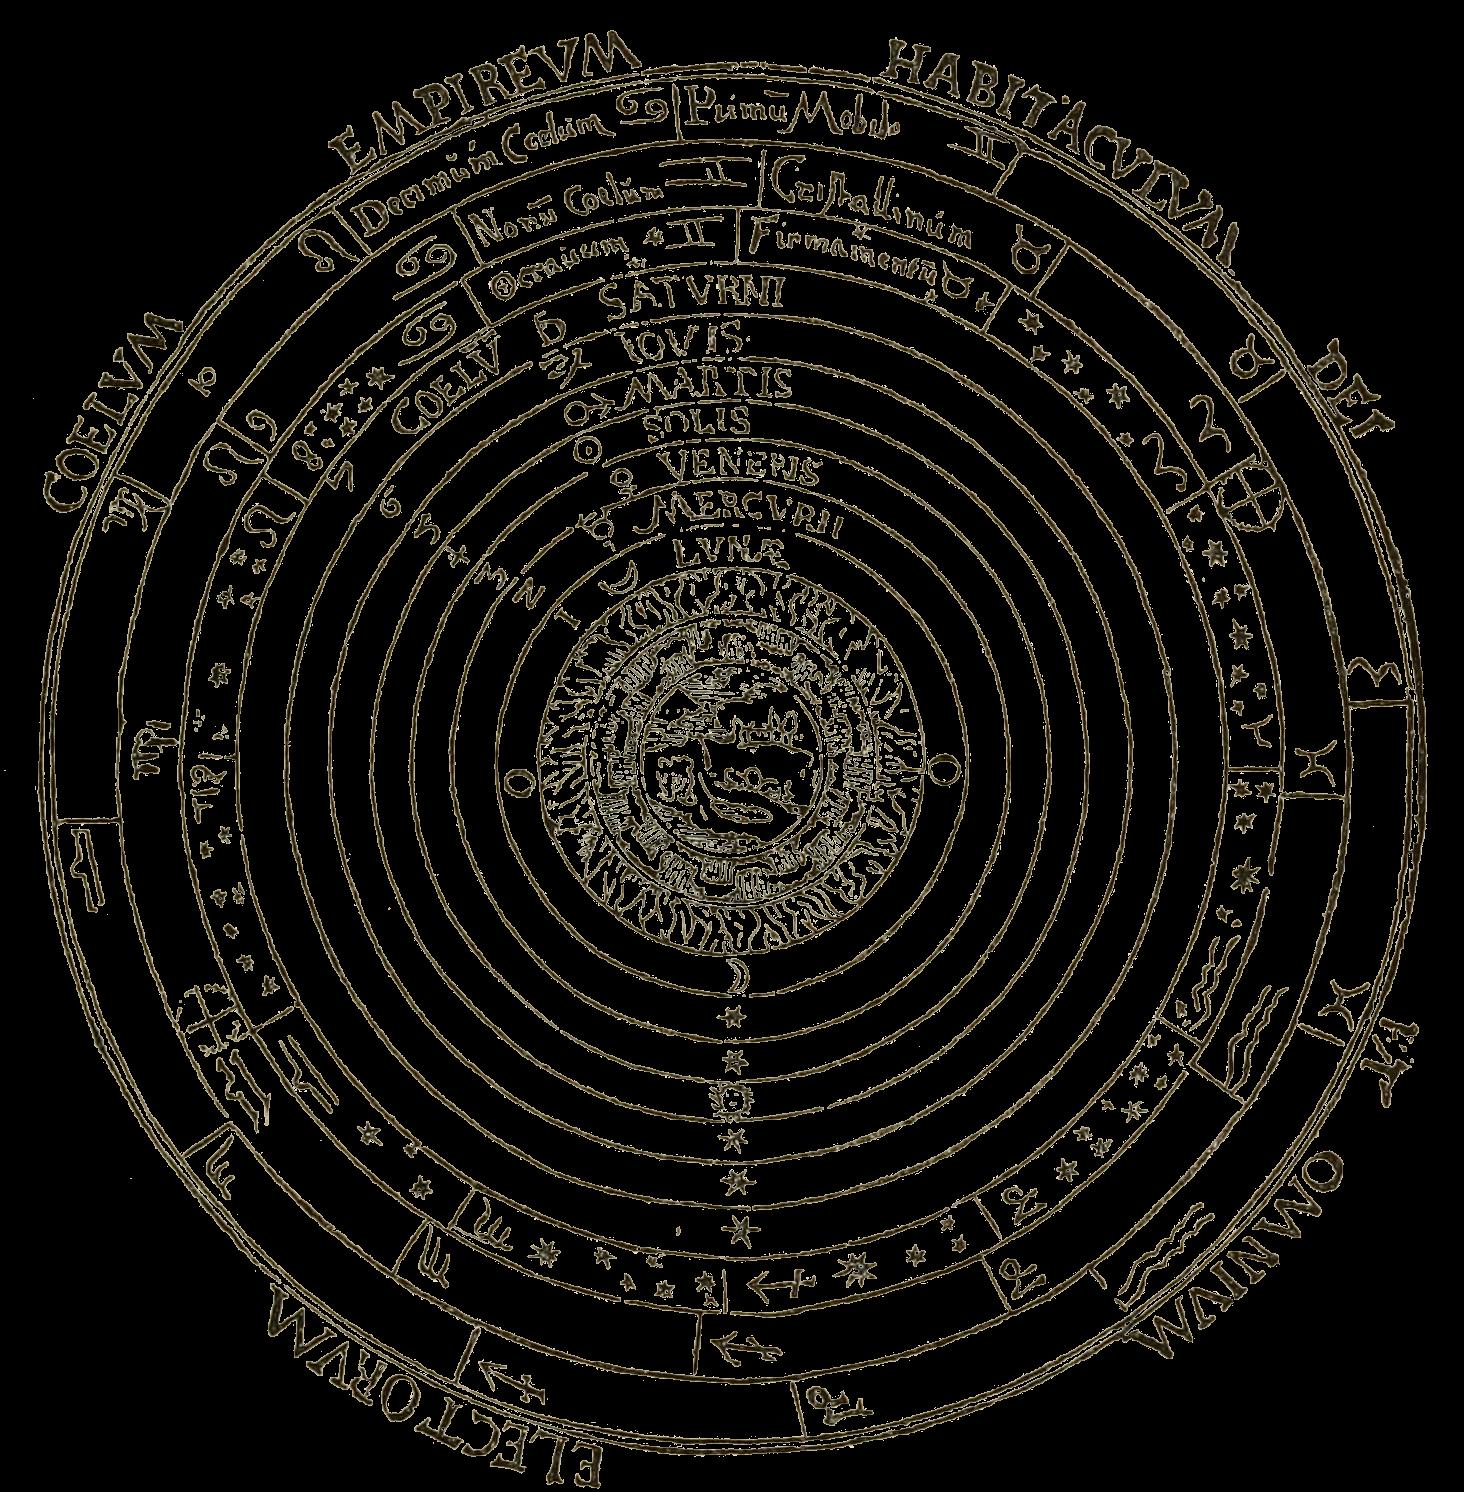 Средневековая концепция строения космоса, полностью соответствующая египетской планетарной модели Птолемея